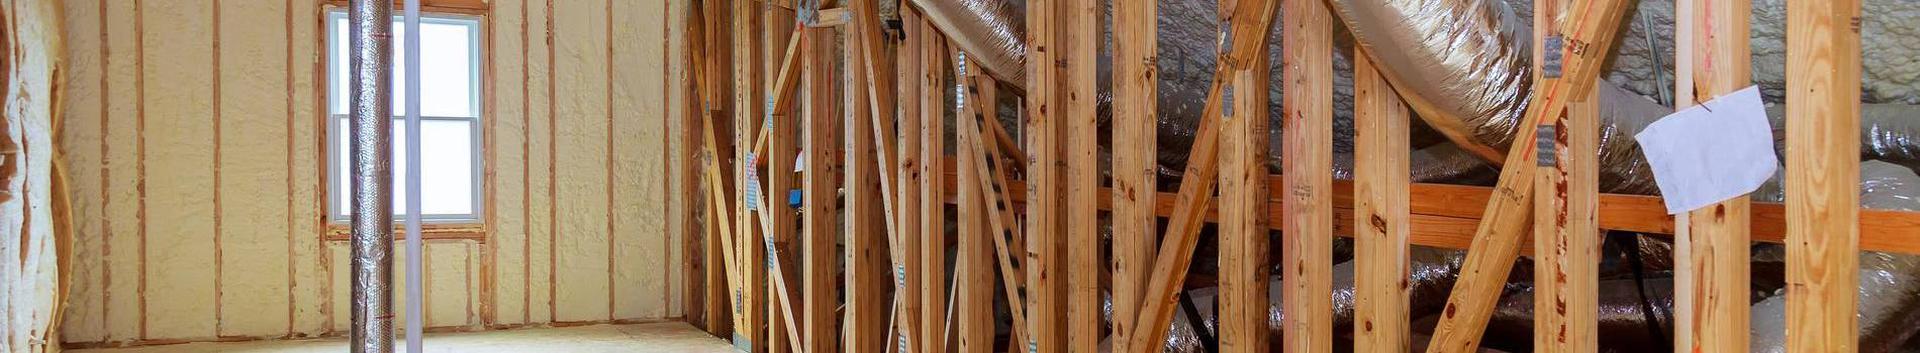 16232_kokkupandavate-puitehitiste-tootmine_43690574_xl.jpg